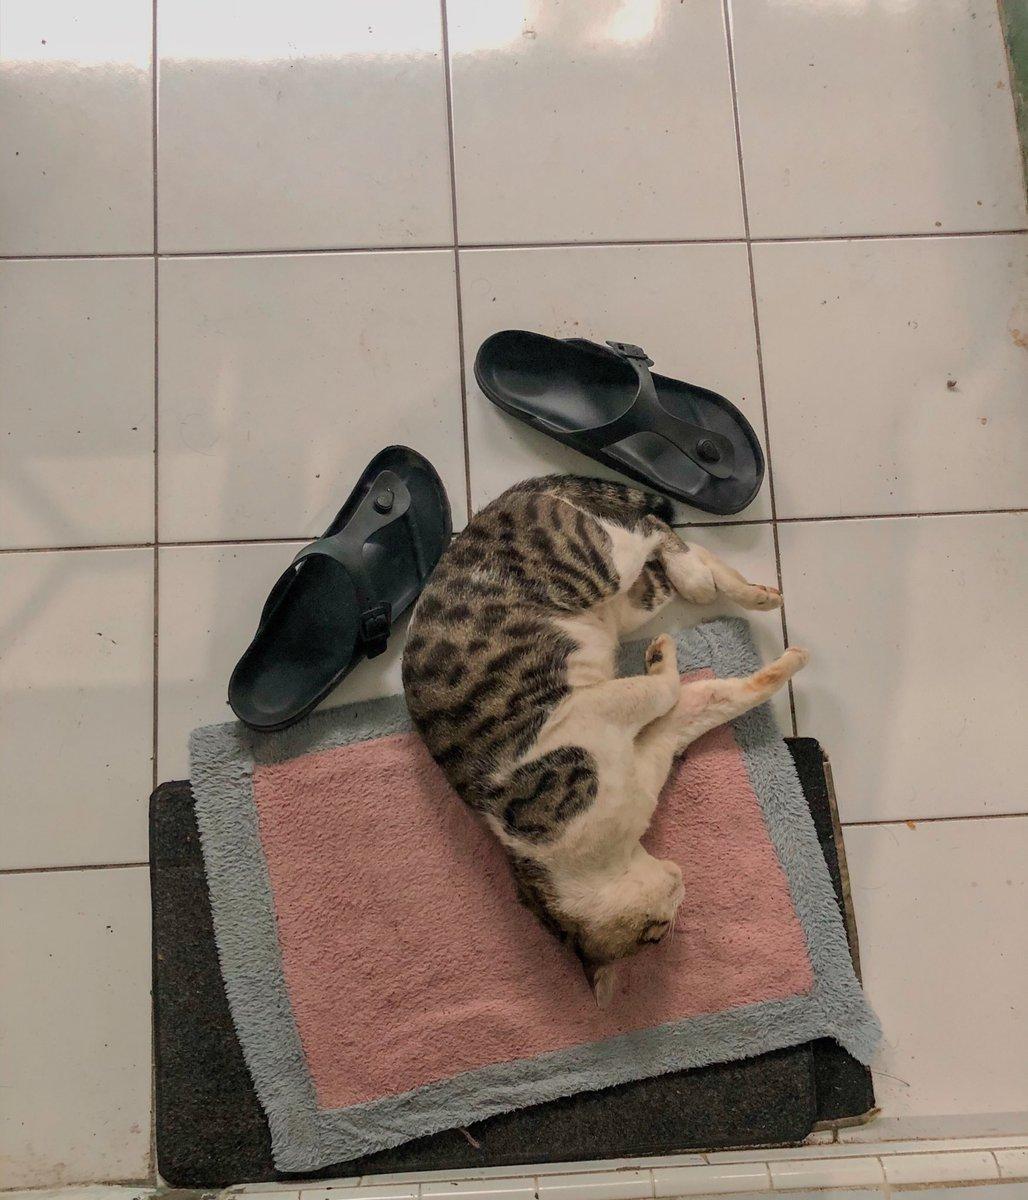 Kucing dan pose tidurnya yang sulit dimengerti.